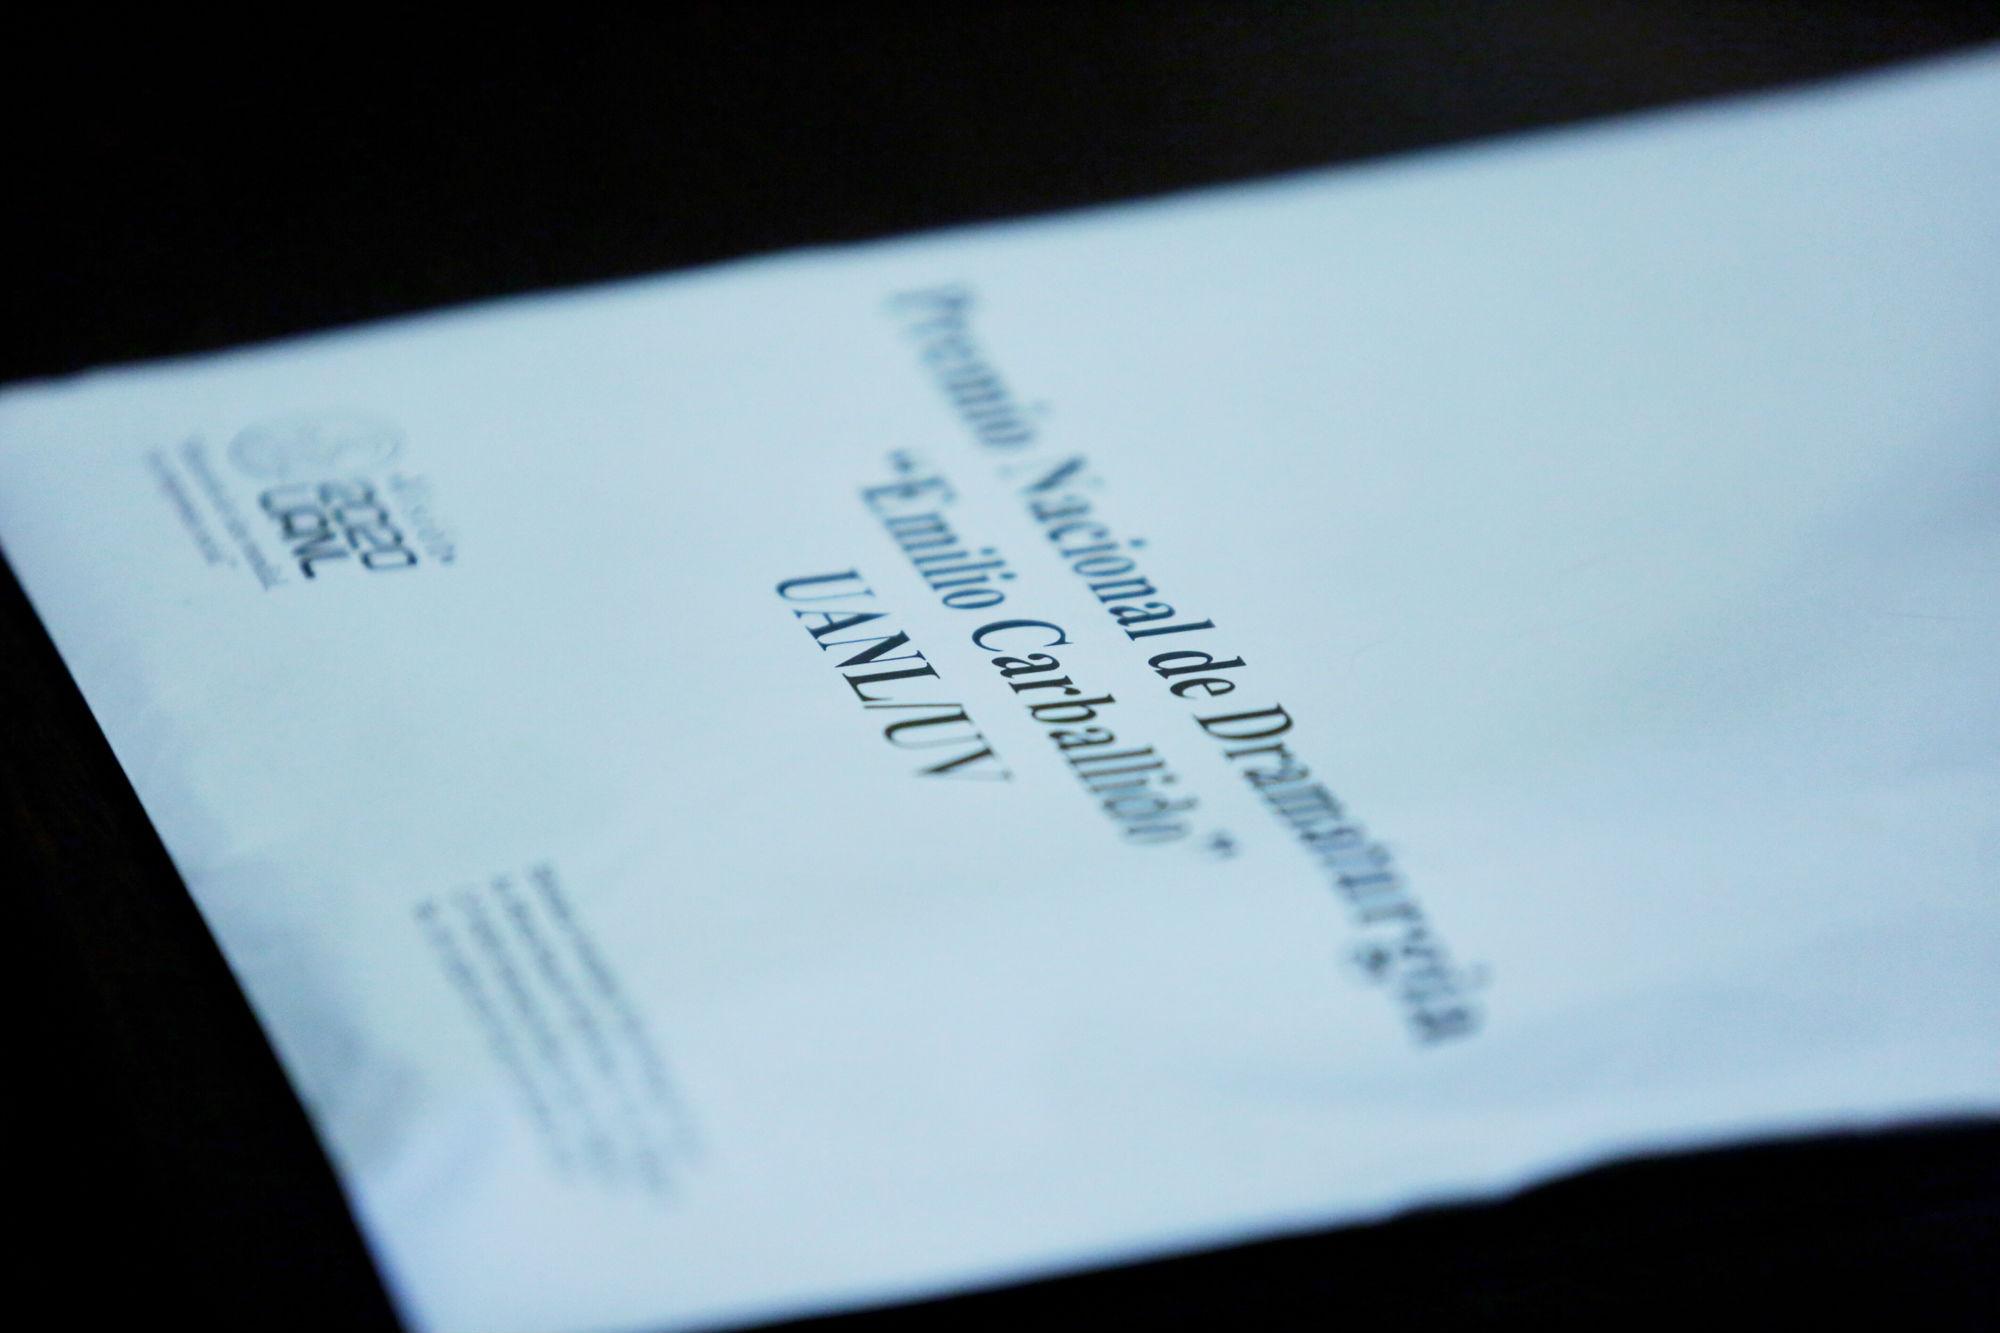 El sobre que contiene la obra ganadora se abrió durante la rueda de prensa